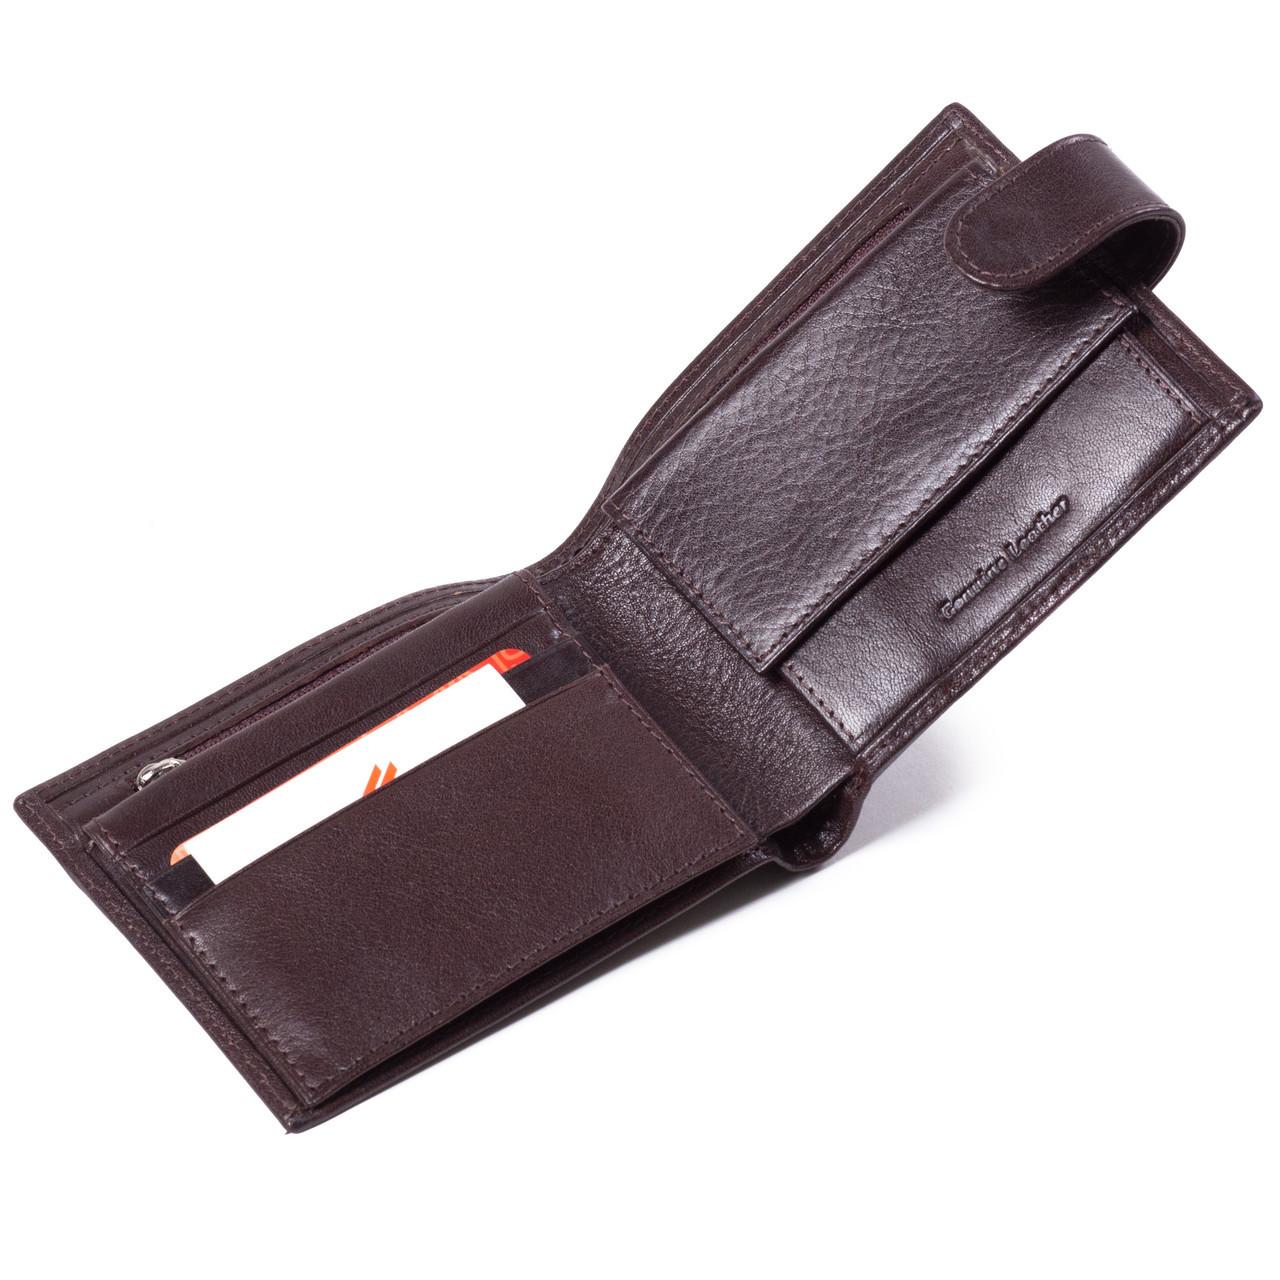 e7fbc44f4e90 Купить сейчас - Мужское портмоне кожаное коричневое Eminsa 1065-18-3 ...